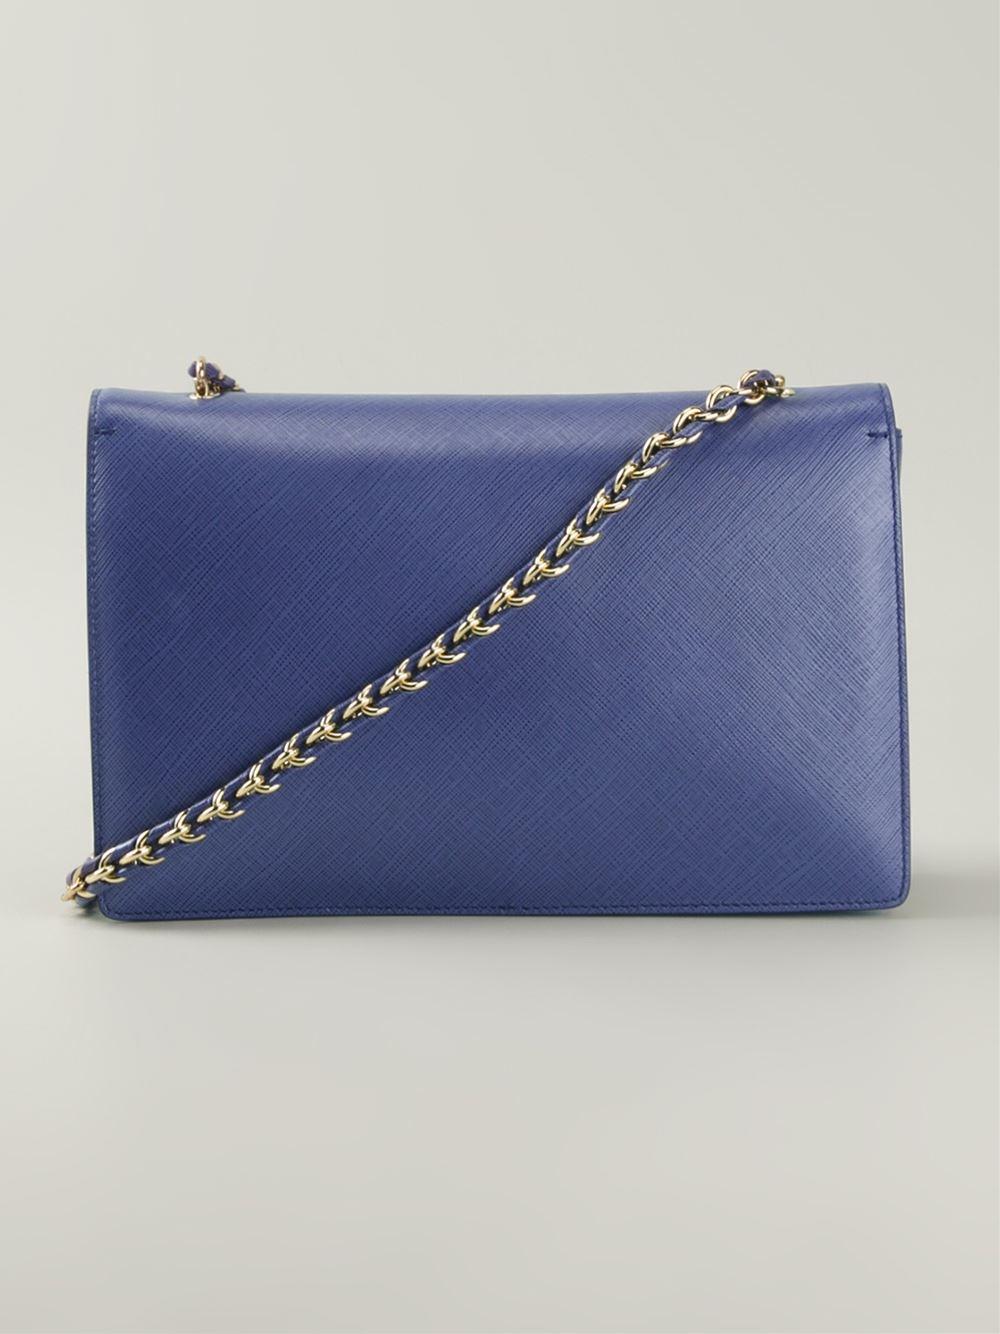 Lyst - Ferragamo  Ginny  Crossbody Bag in Blue 6ca2df3afce67